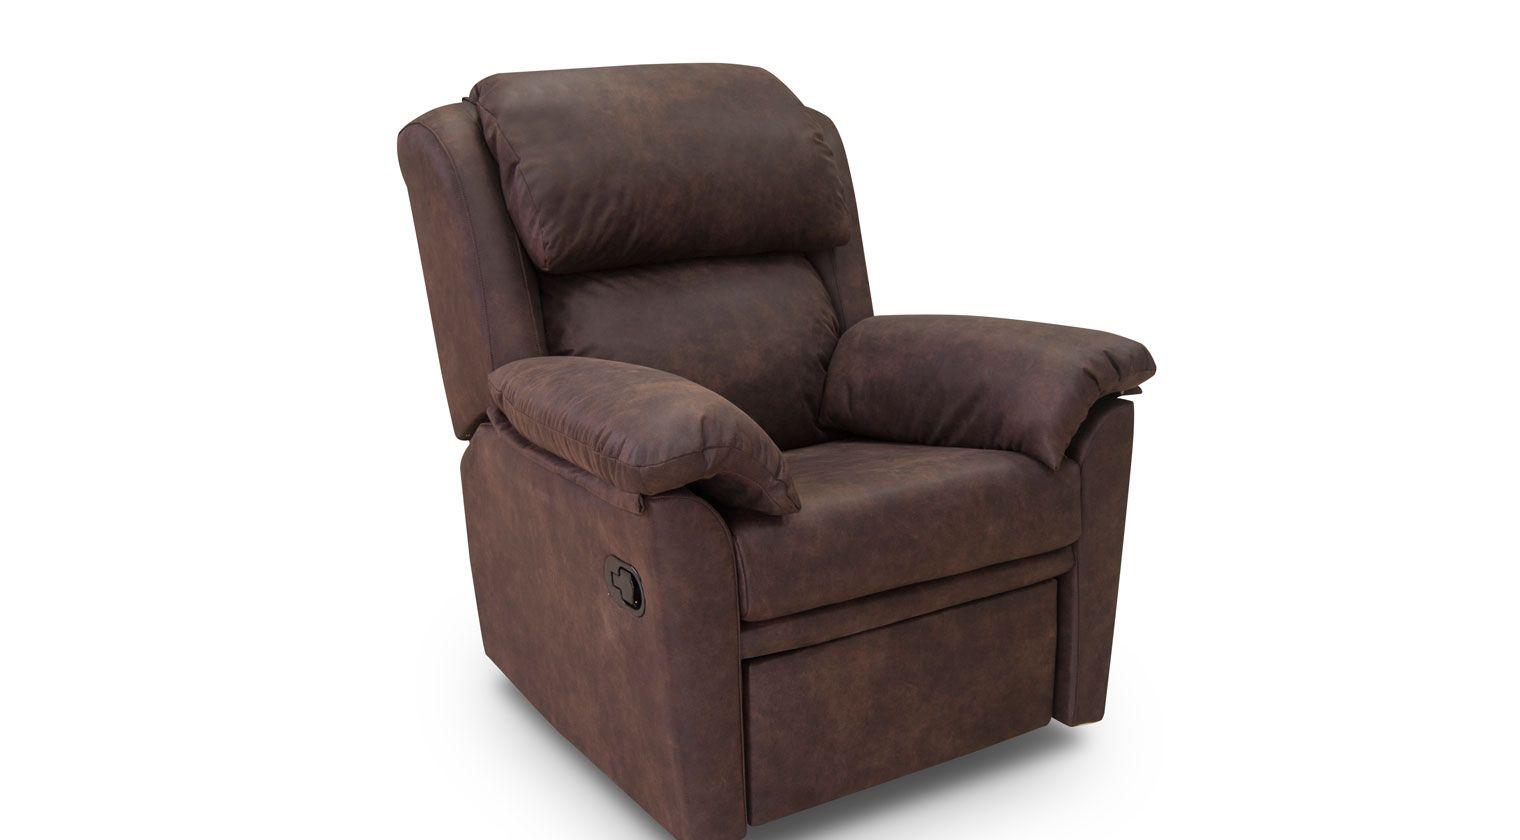 Sill n cama ac s sillones cama for Sillones de 3 plazas baratos